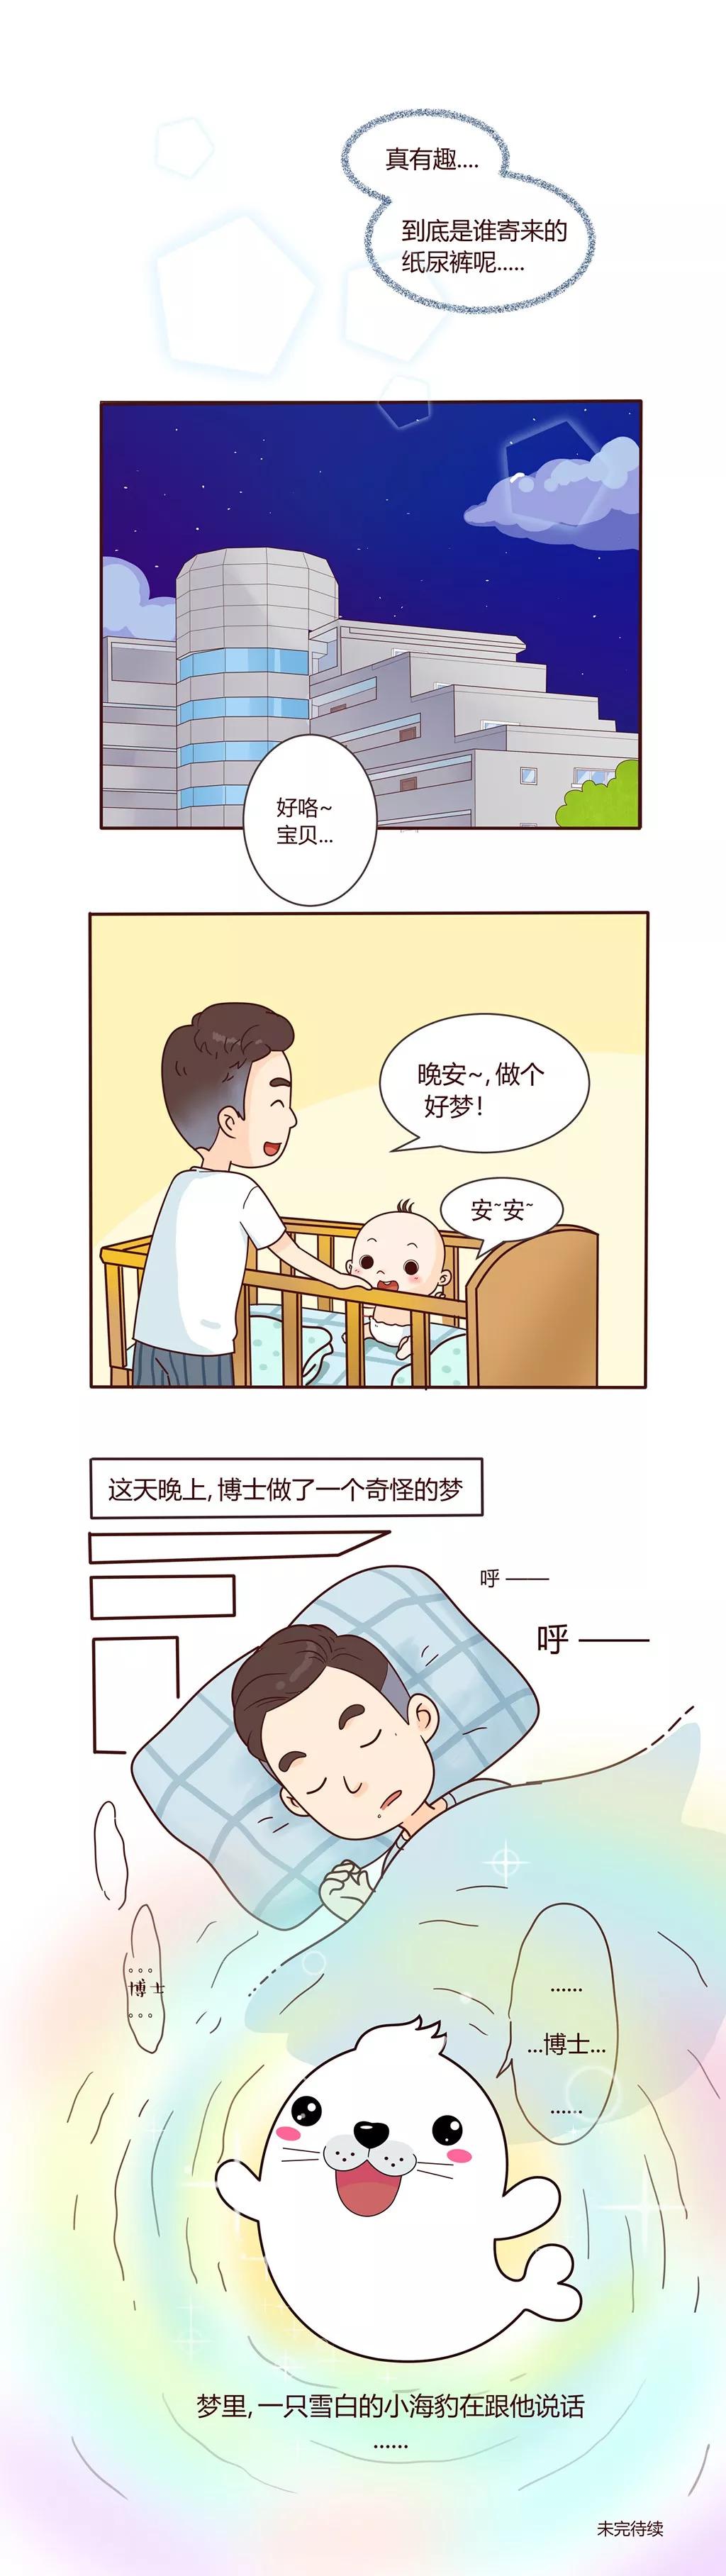 《小萌希奥》大型连载漫画第1话:来自外星的神秘快递